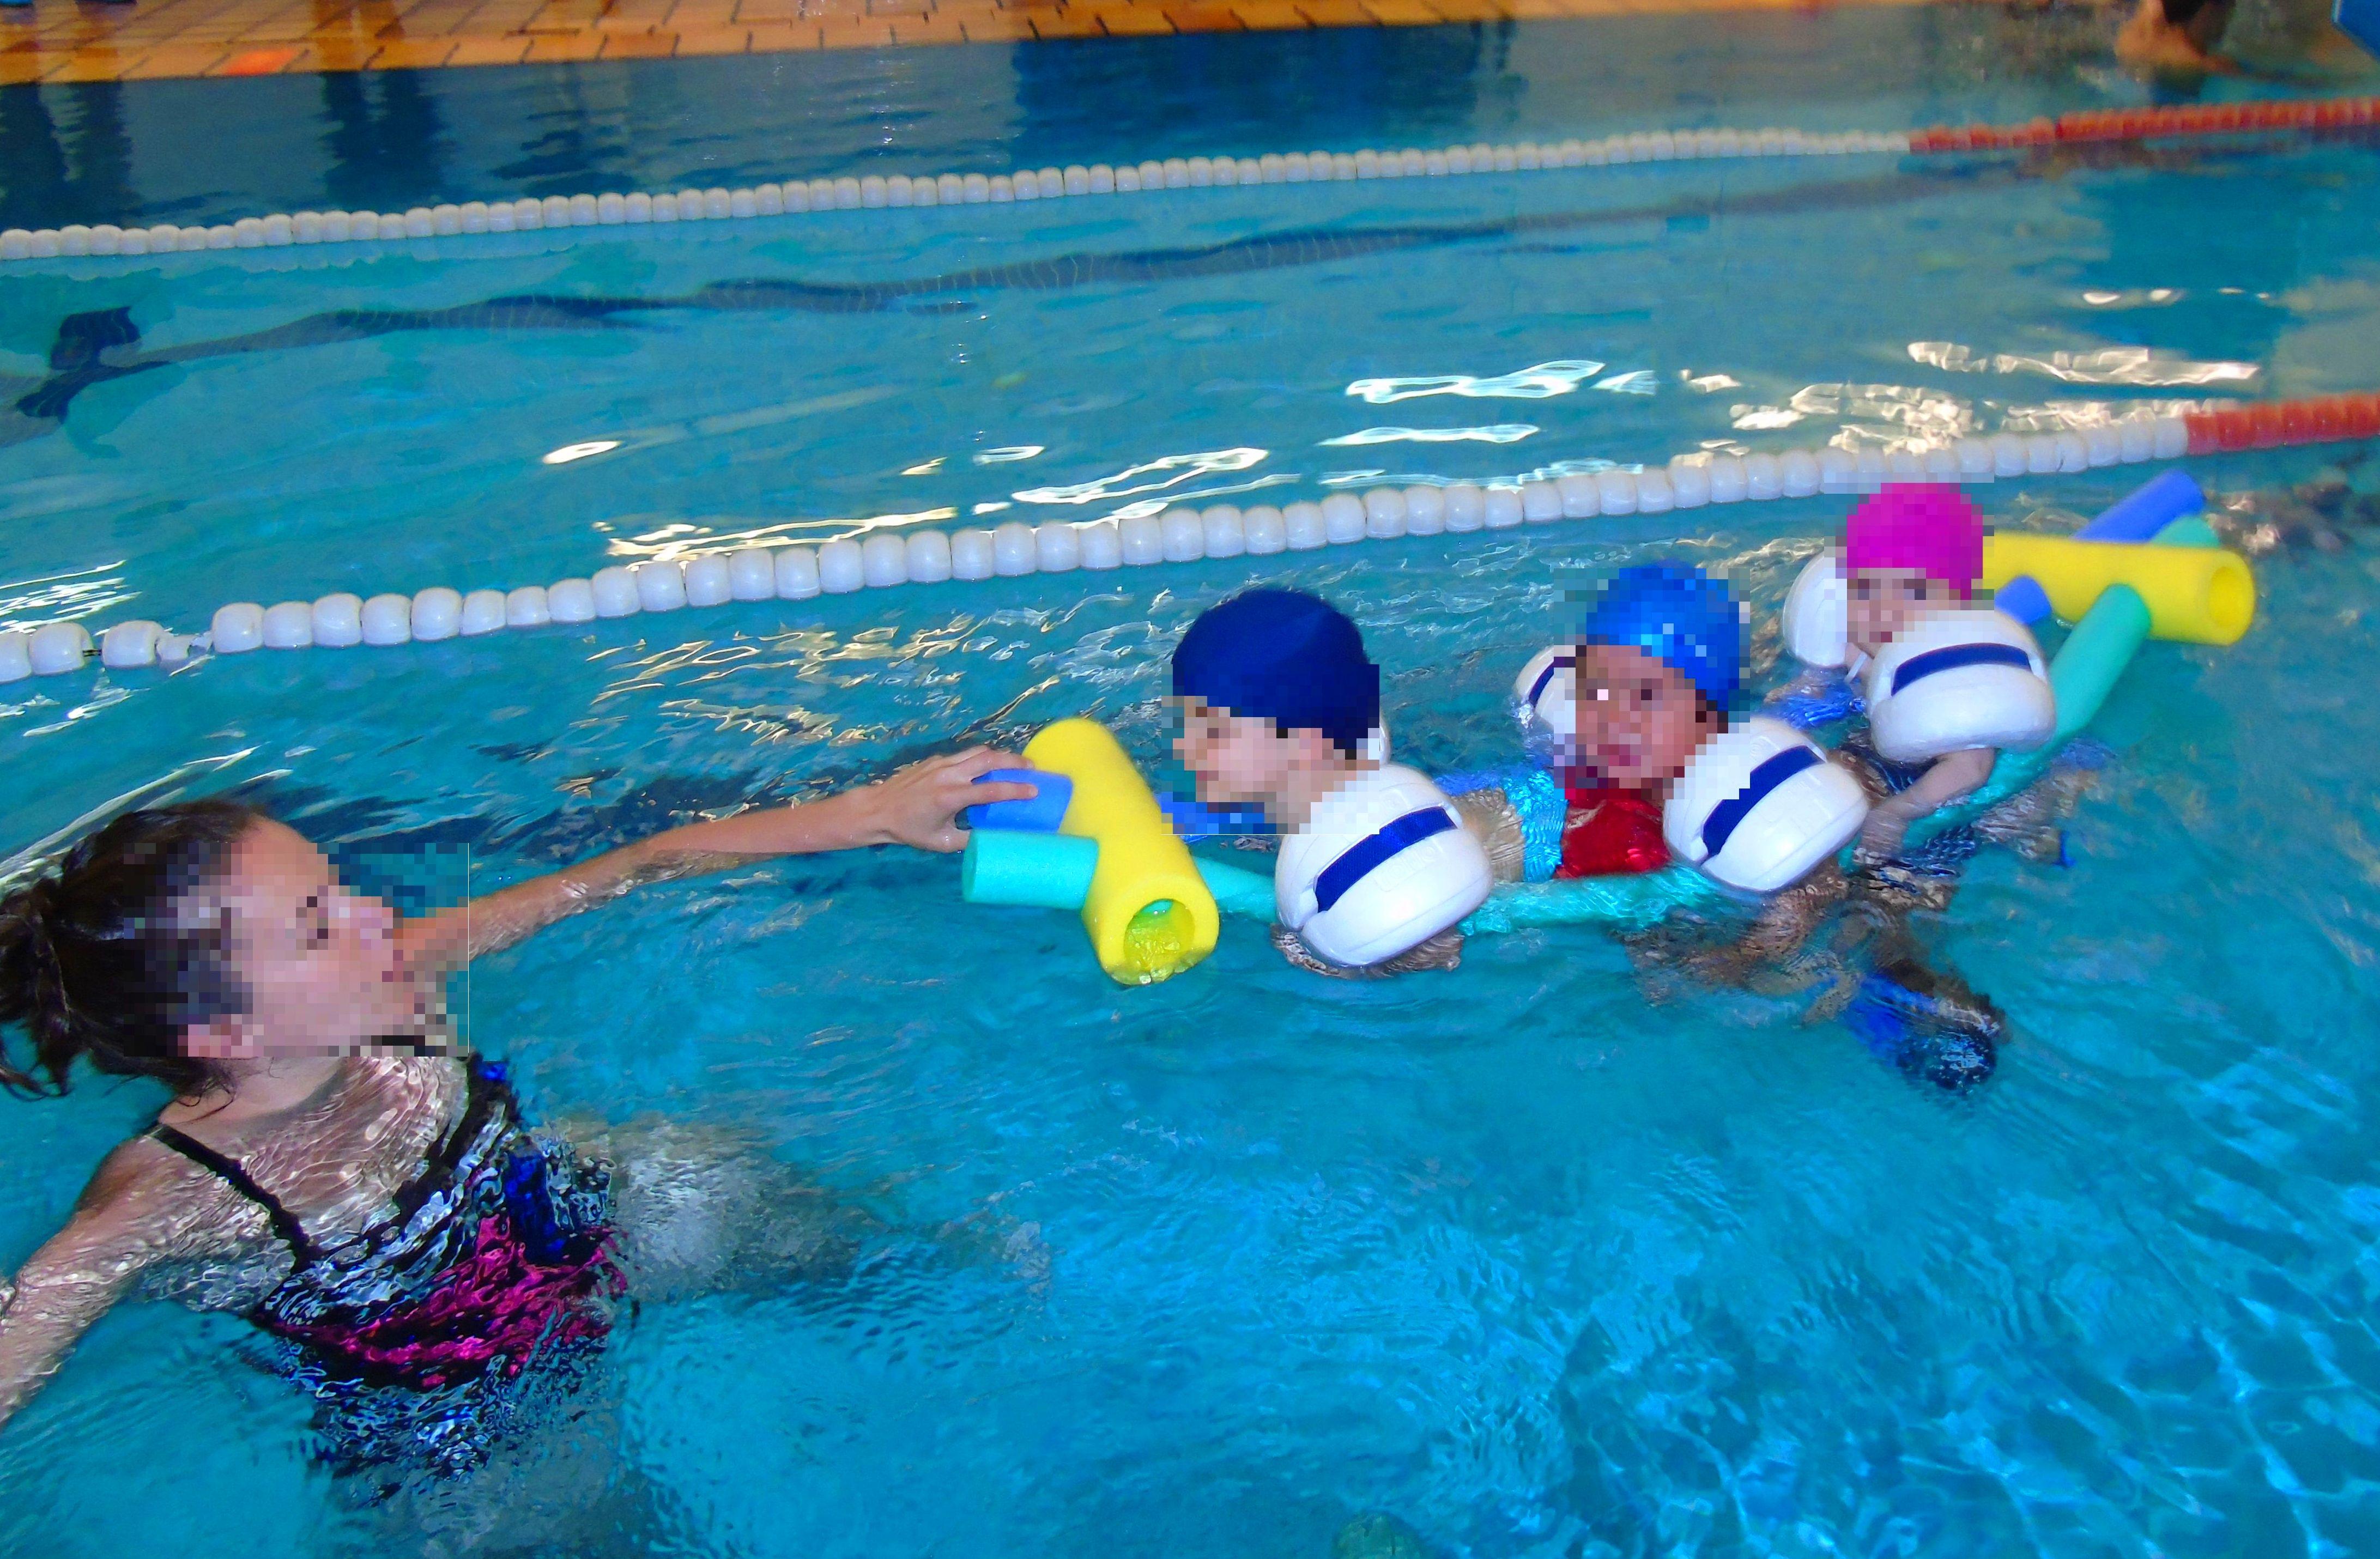 Los pececitos que van por el agua...nadan, nadan, nadan ...